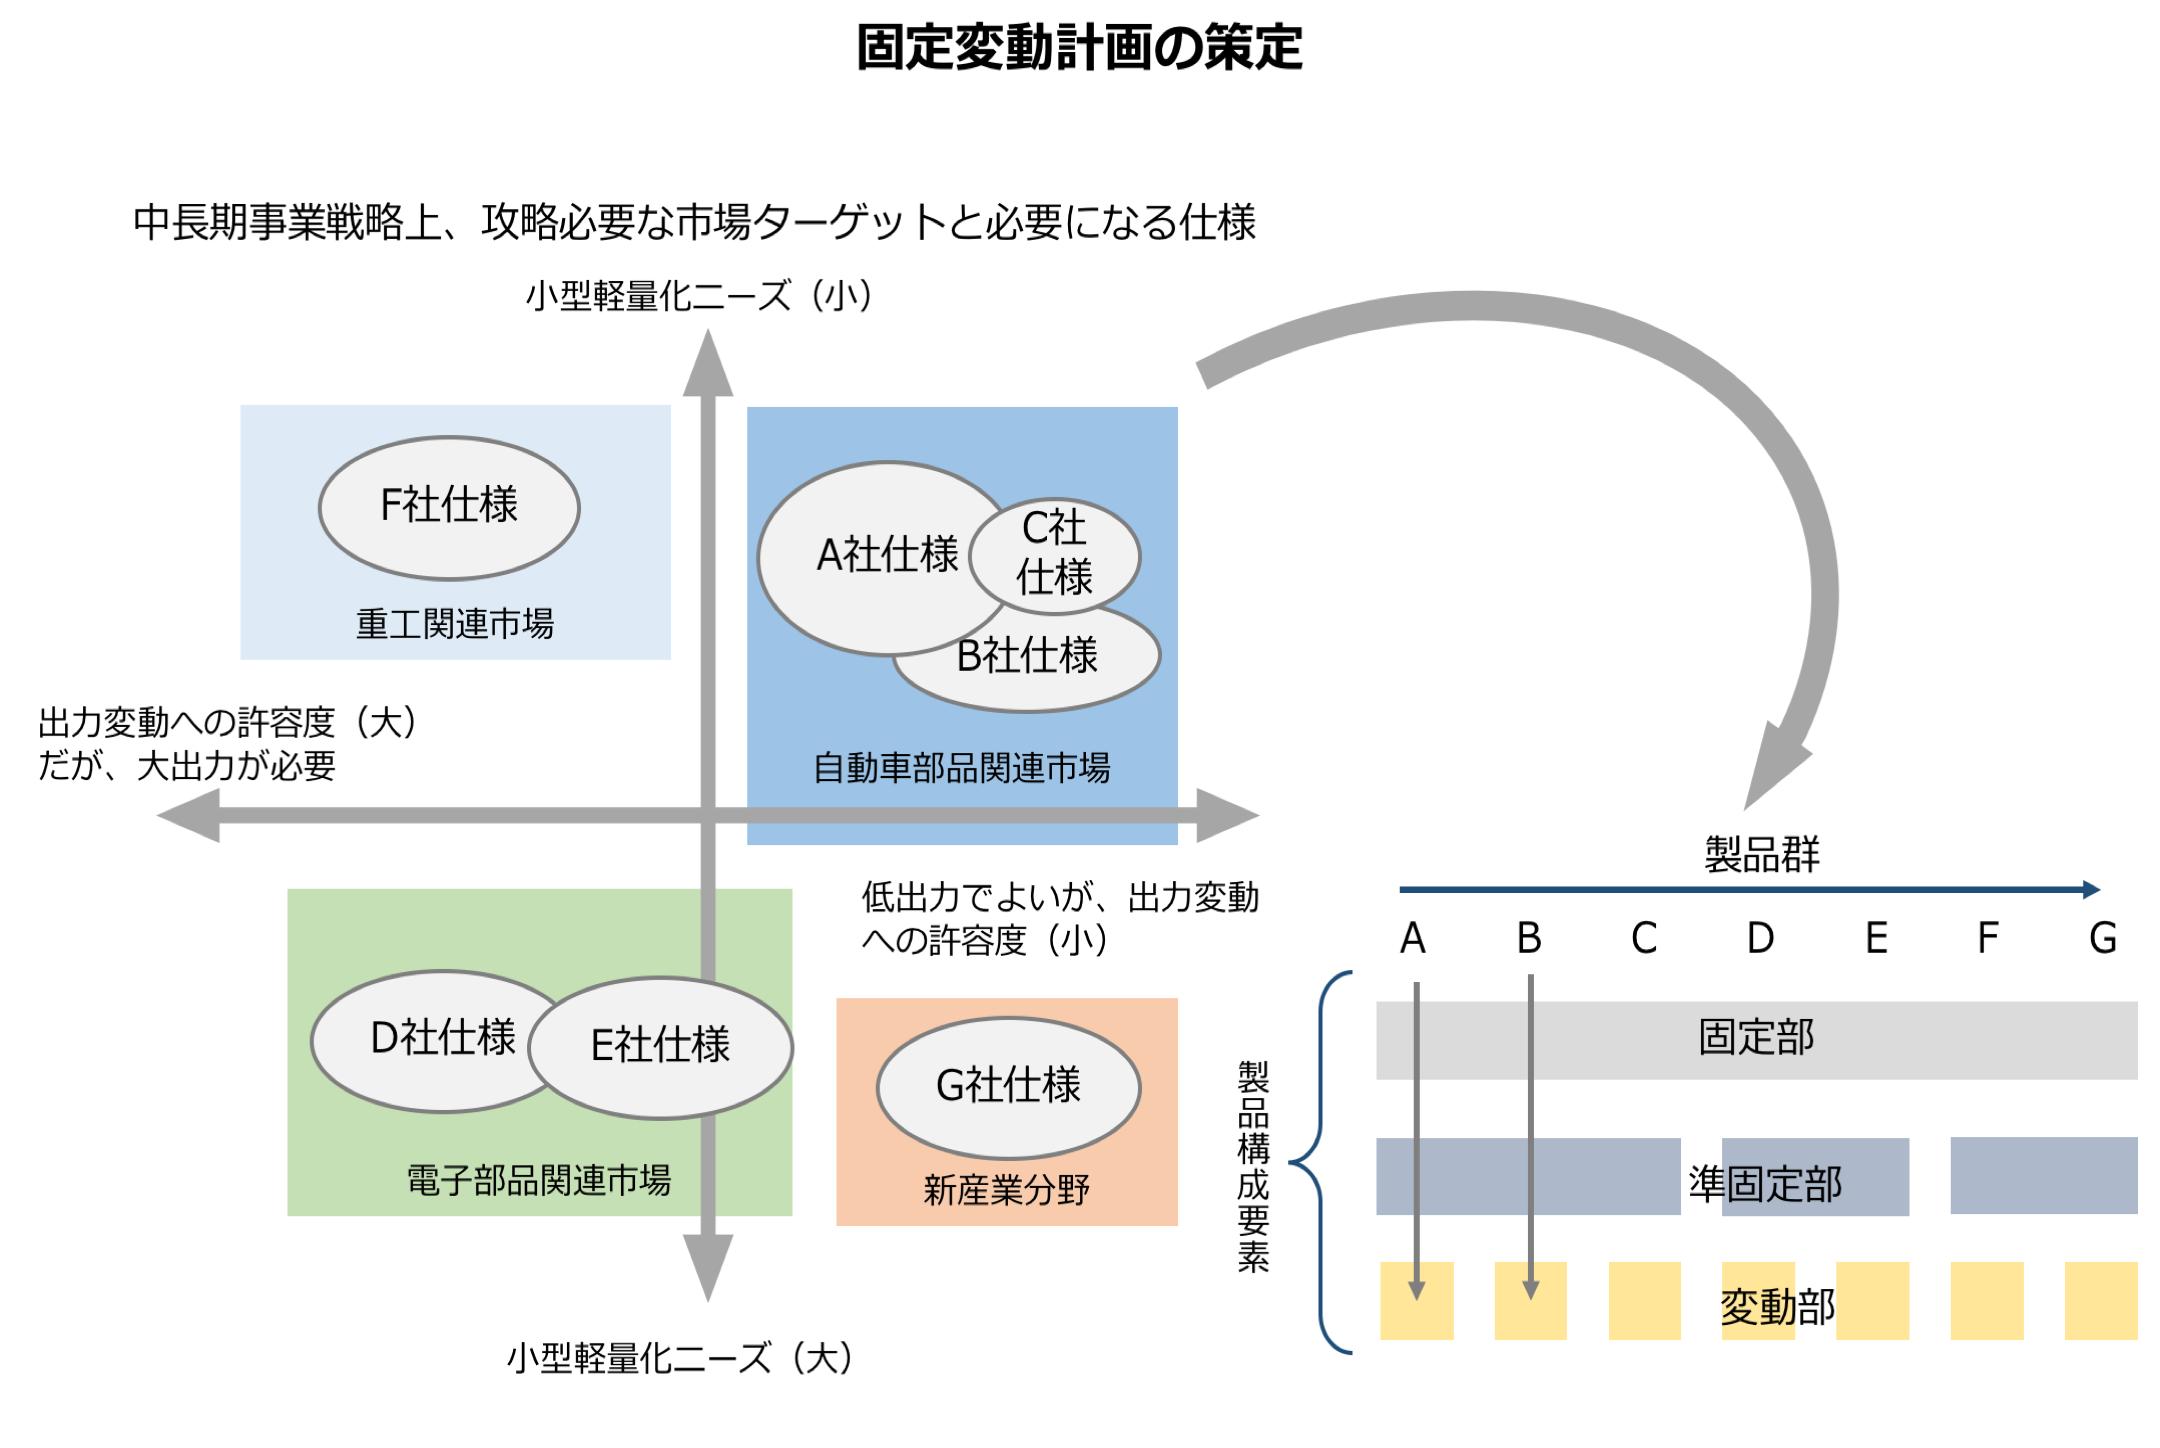 col_takahashi_08_02.png